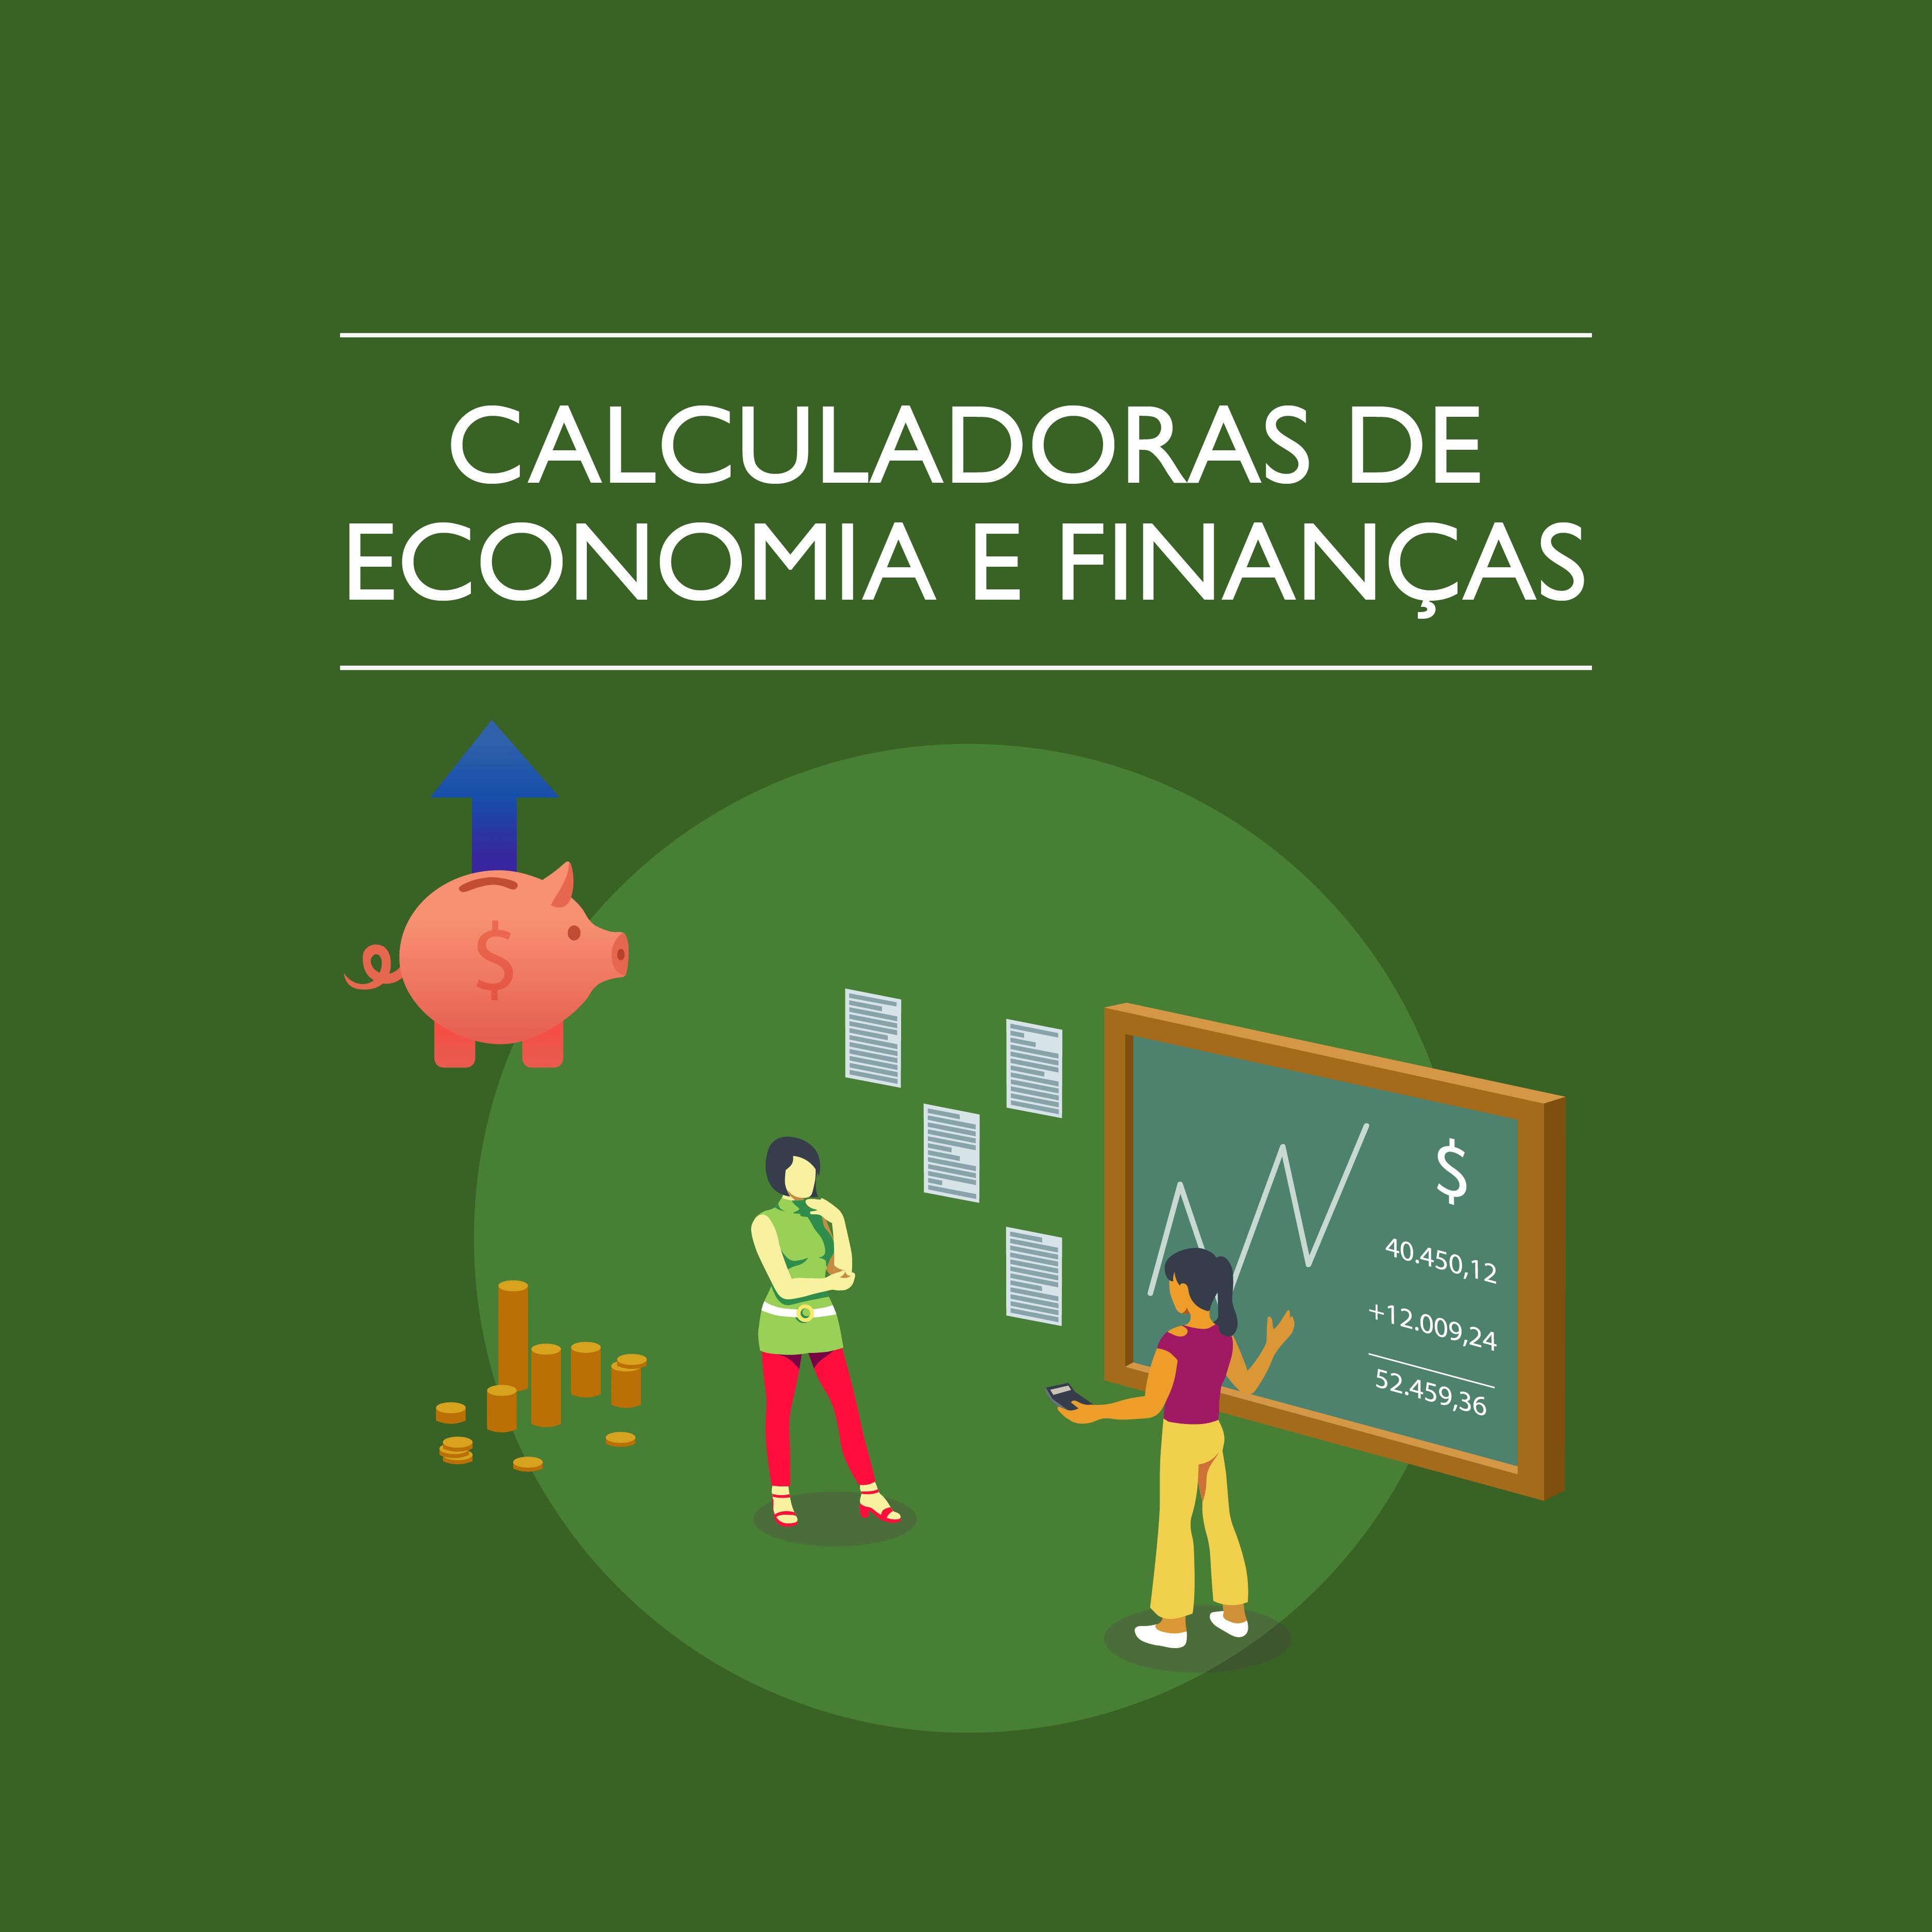 Calculadoras de Economia e Finanças